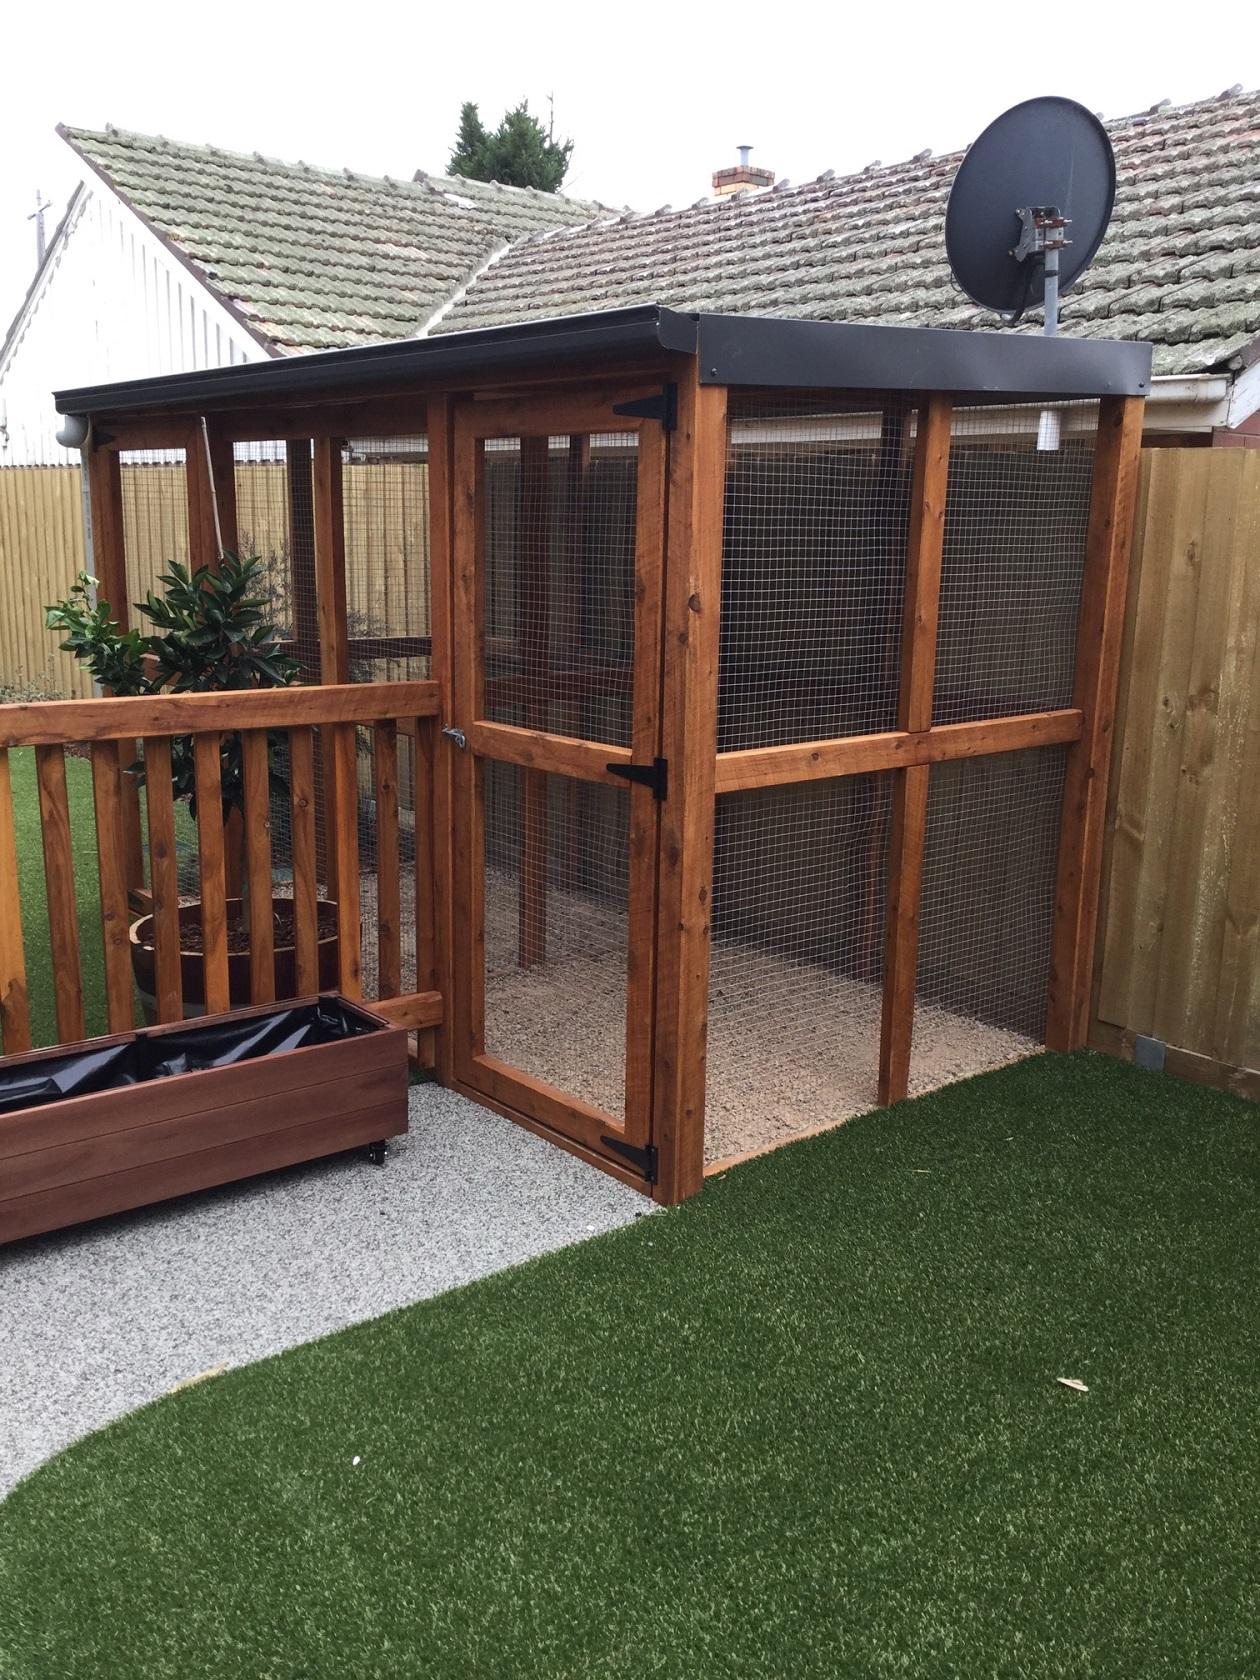 double animal enclosure - preston